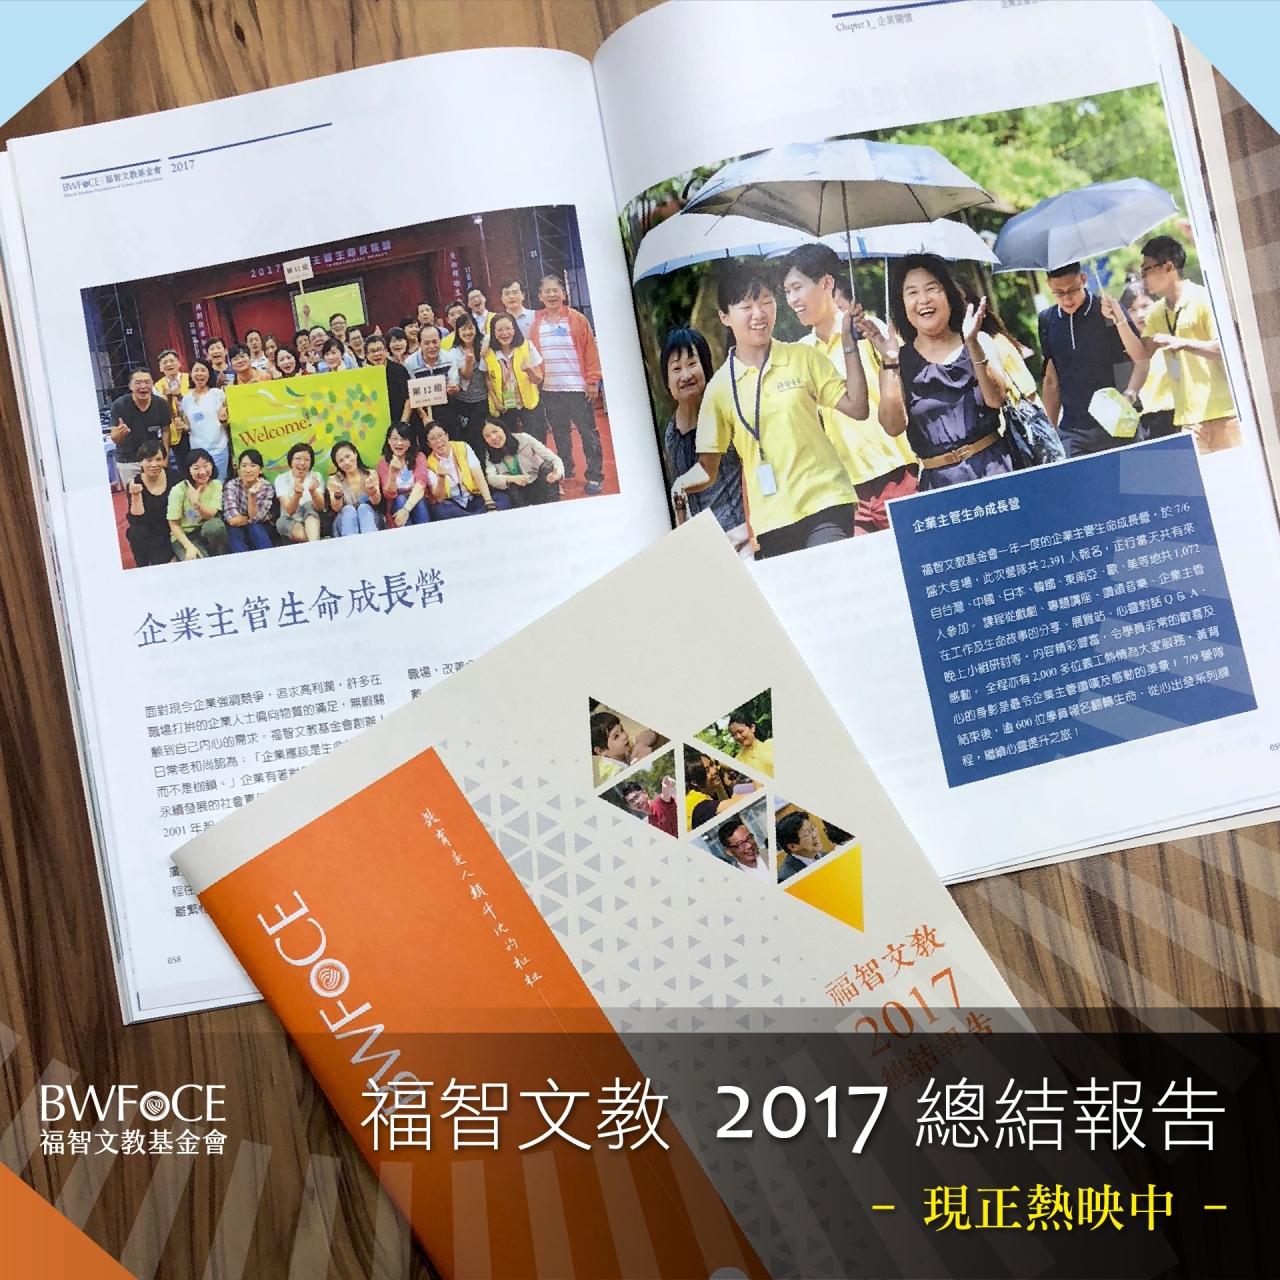 《福智文教 2017 總結報告》